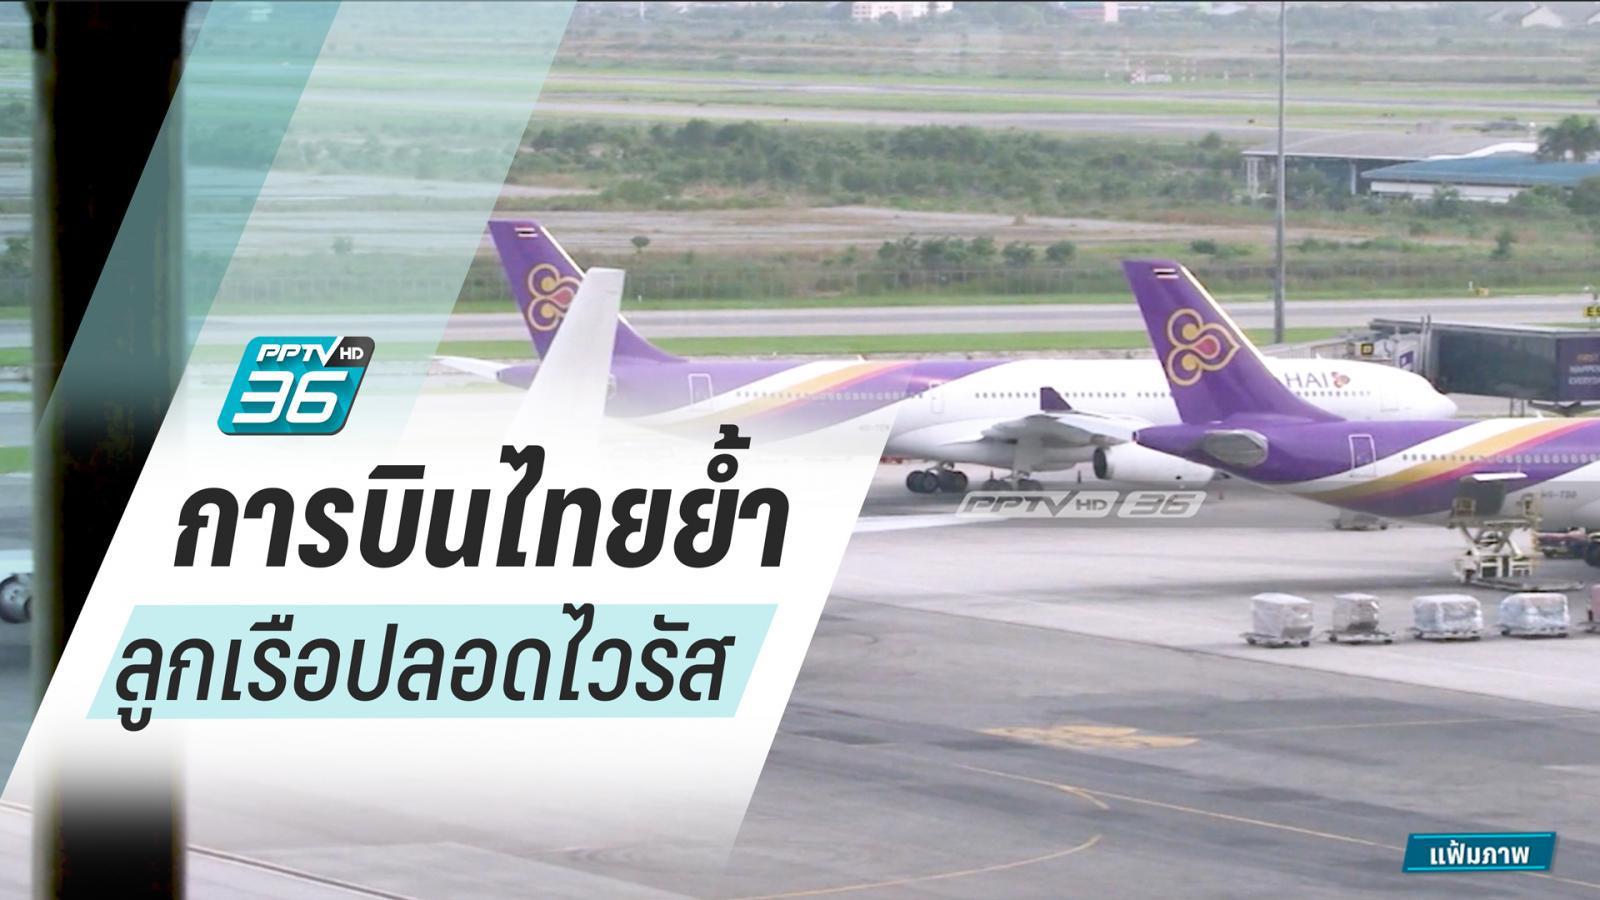 ลูกเรือการบินไทยปลอดเชื้อโคโรนา หลัง สธ.ประสานตรวจเชื้อรีเช็ก